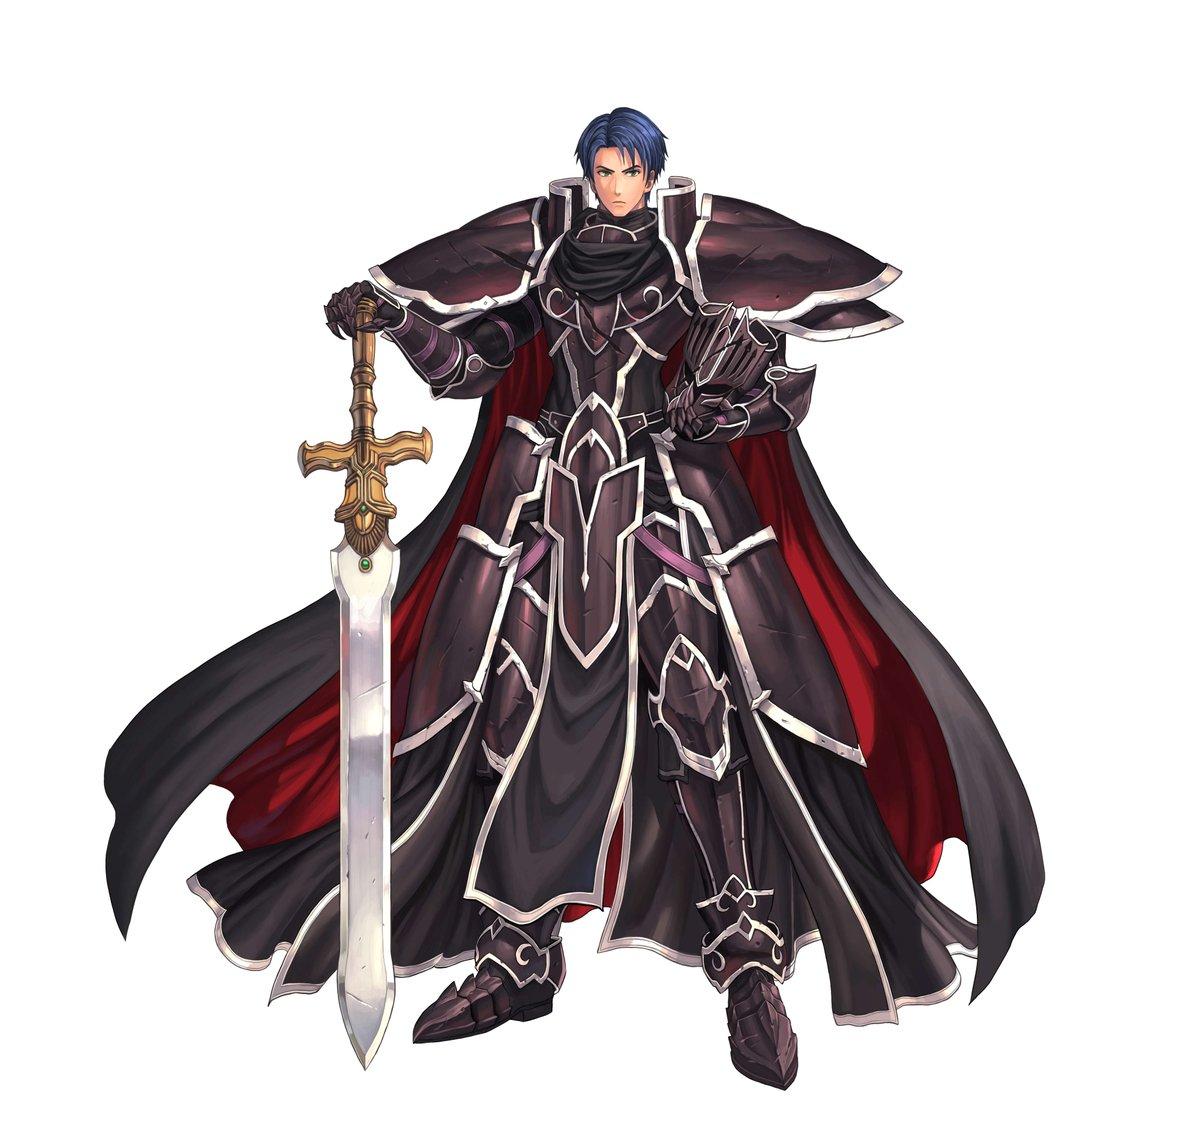 Fire Emblem Black Knight